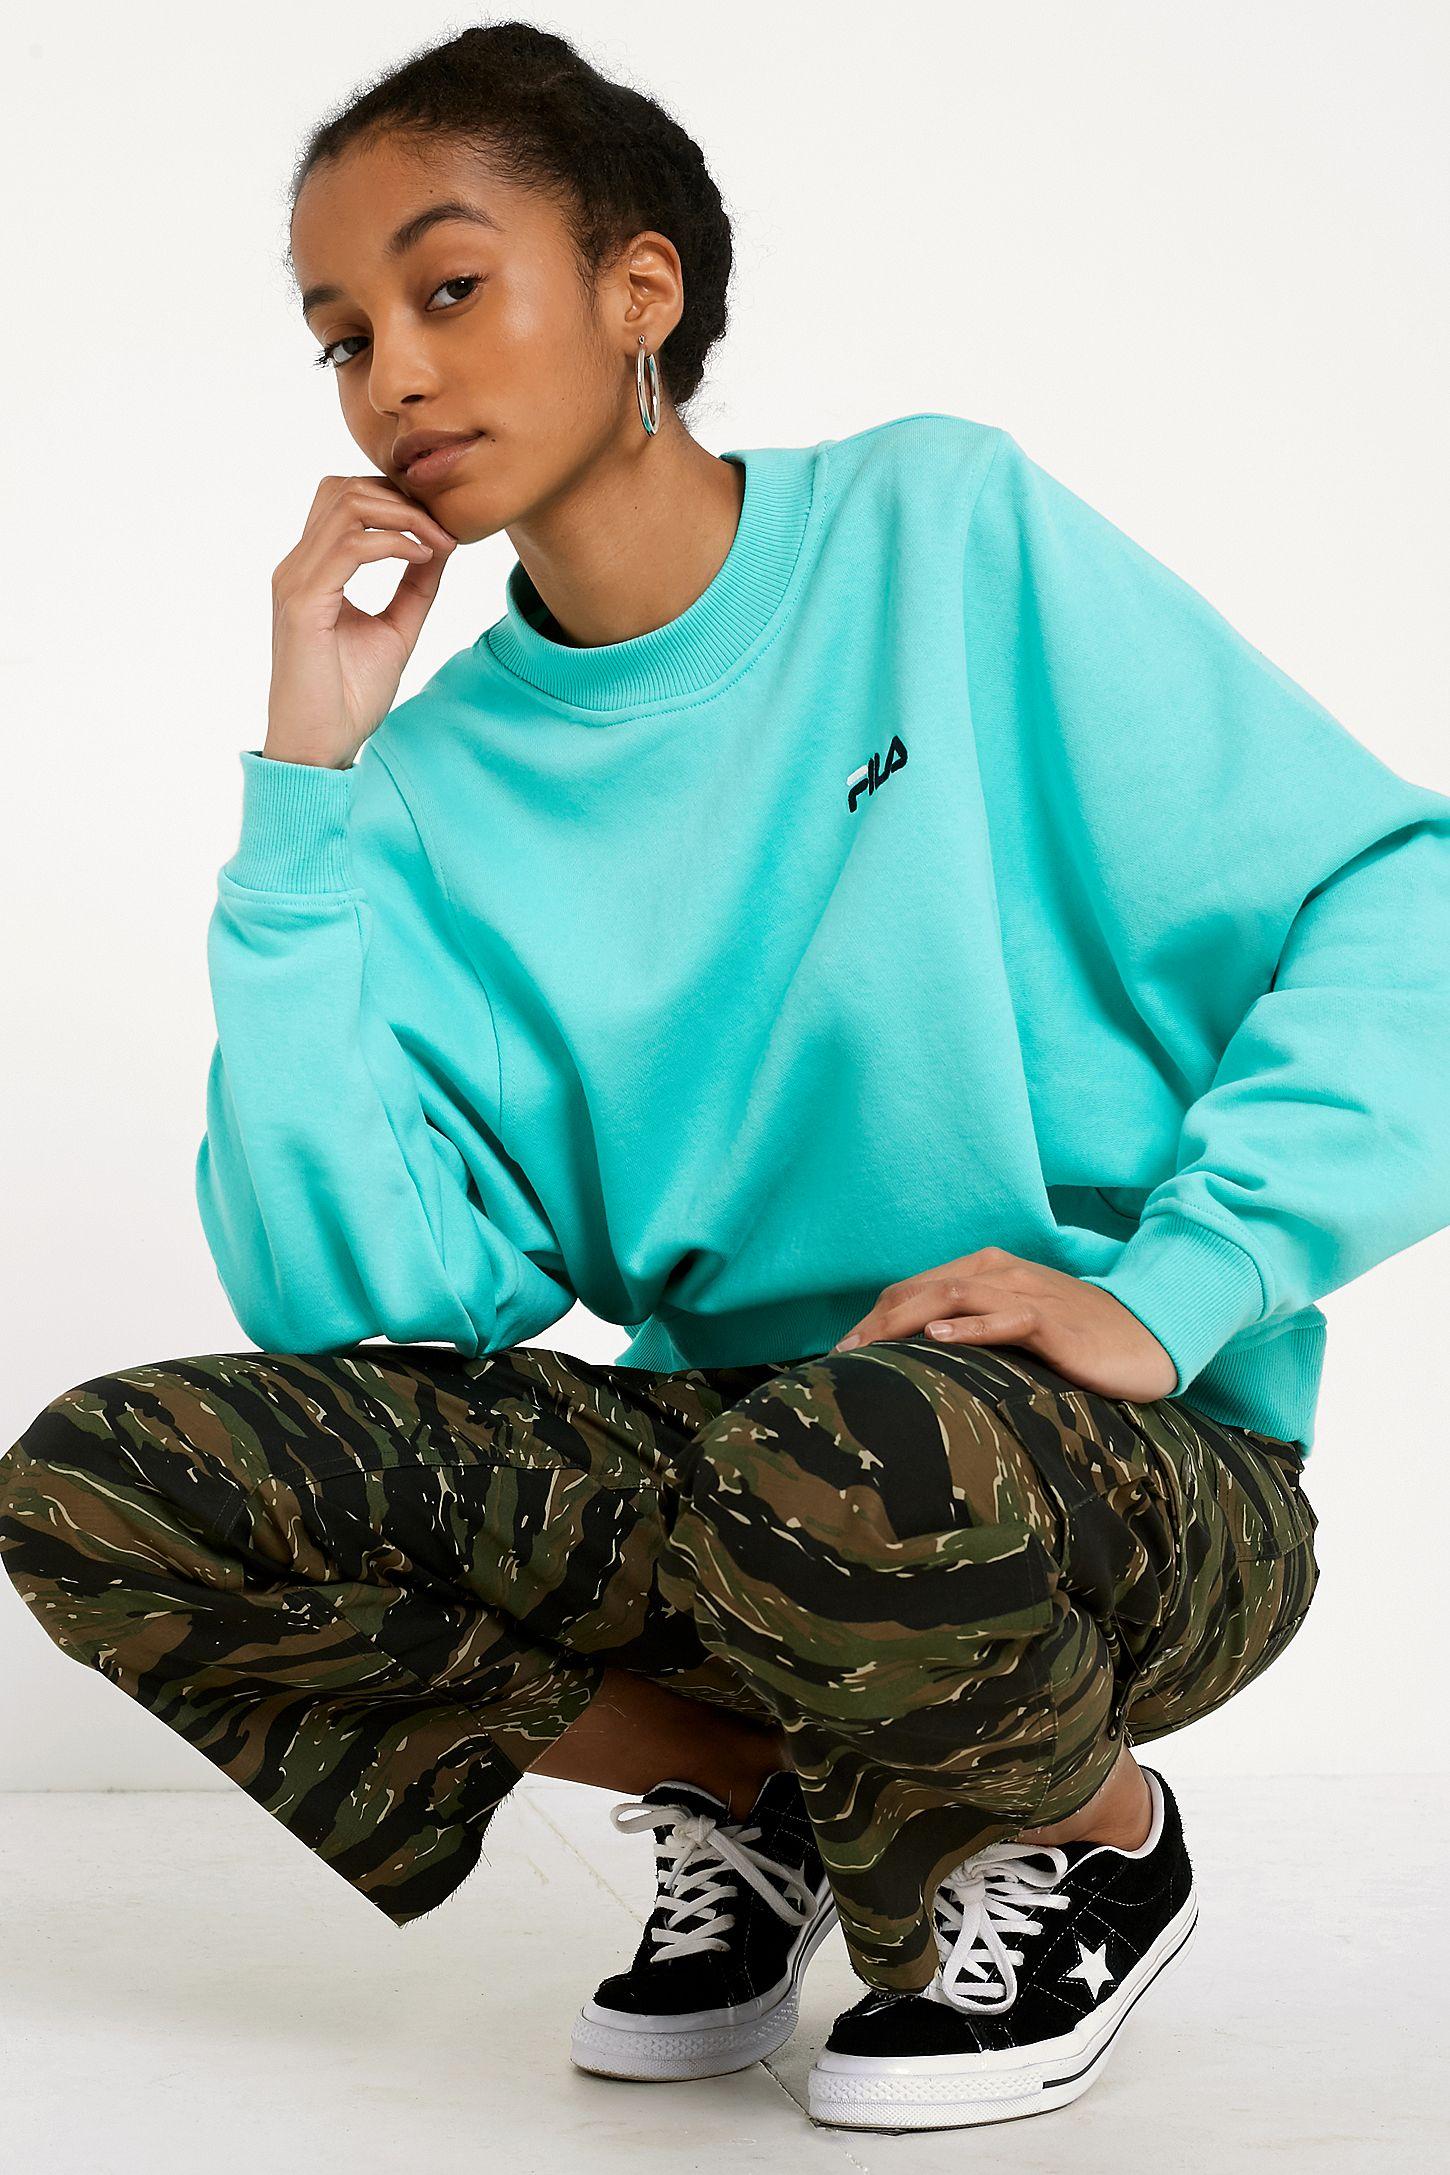 a25cd5925b6 FILA Summer Teal Sweatshirt